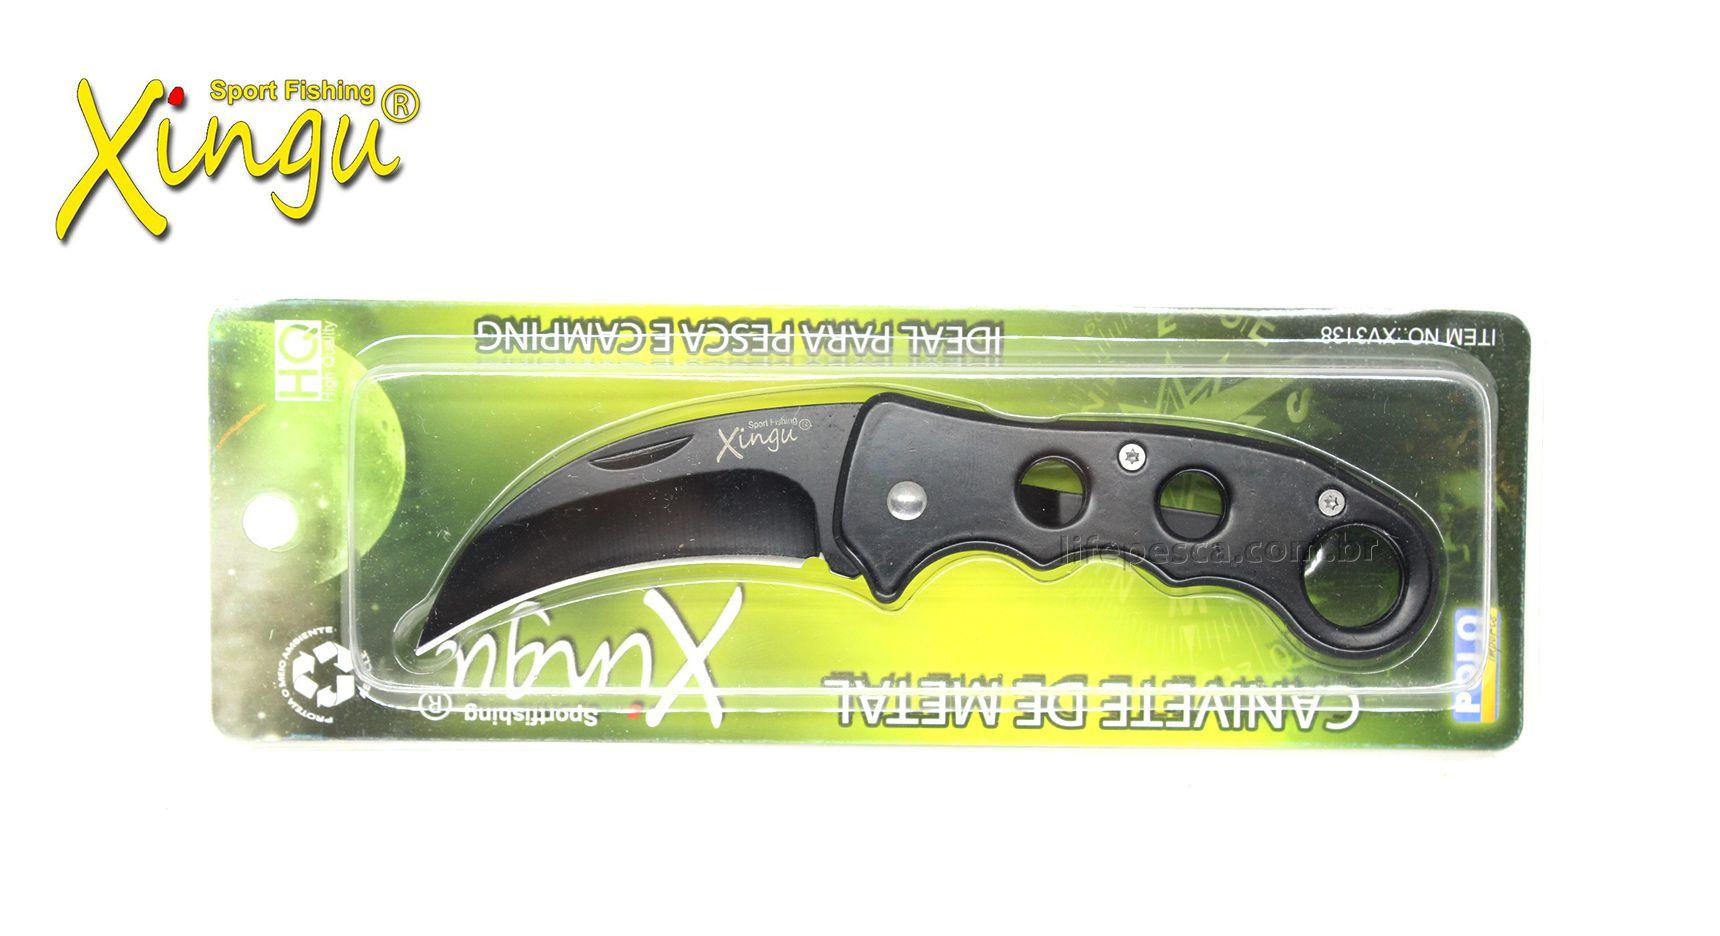 Canivete Xingu XV3138 Lâmina Curva - Aço Carbono  - Life Pesca - Sua loja de Pesca, Camping e Lazer